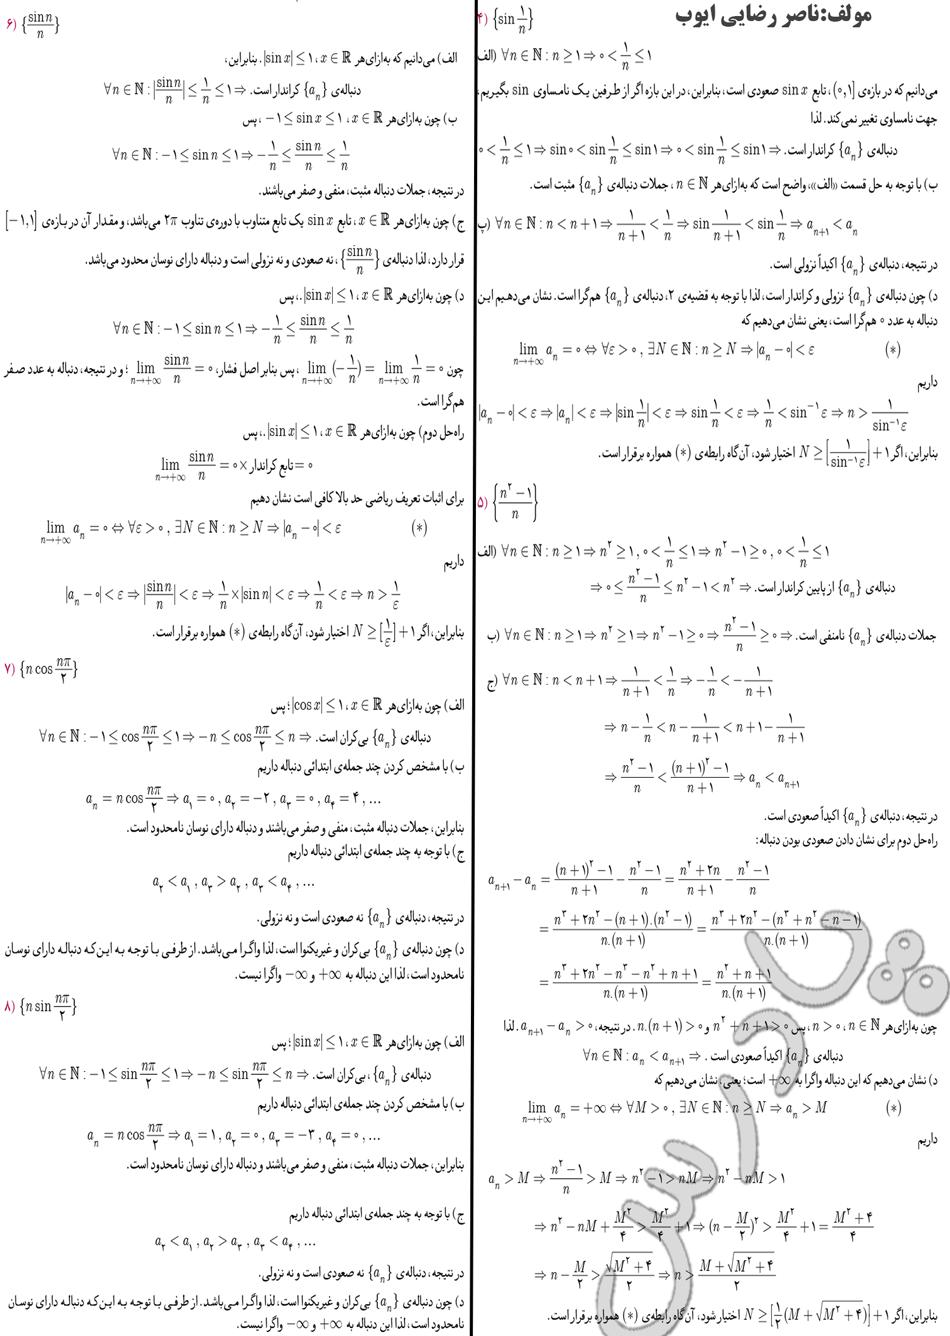 ادامه حل مسائل صفحه50 فصل 1 دیفرانسیل پیش دانشگاهی